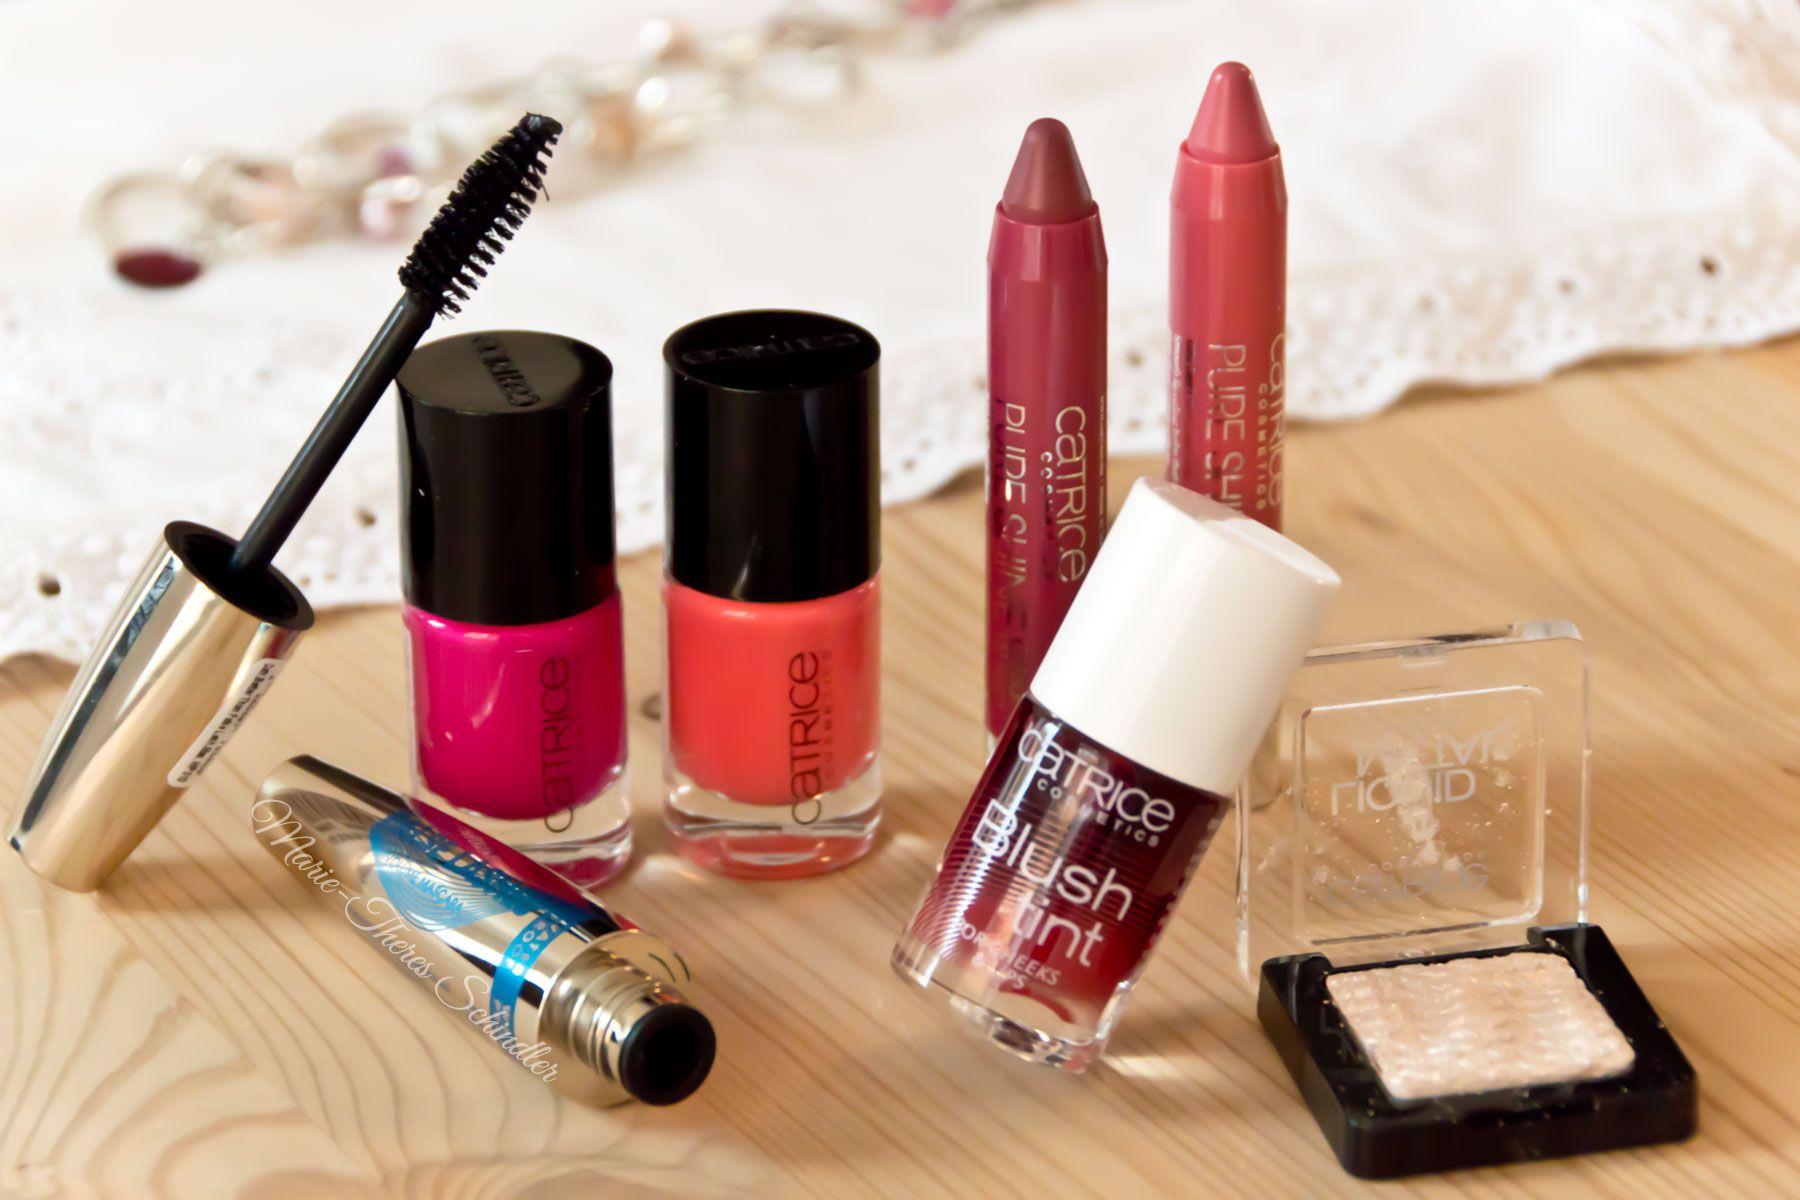 Einige der Catrice It-Pieces - da sind tolle Sachen dabei! :-) #cosnova #catrice #beauty #kosmetik